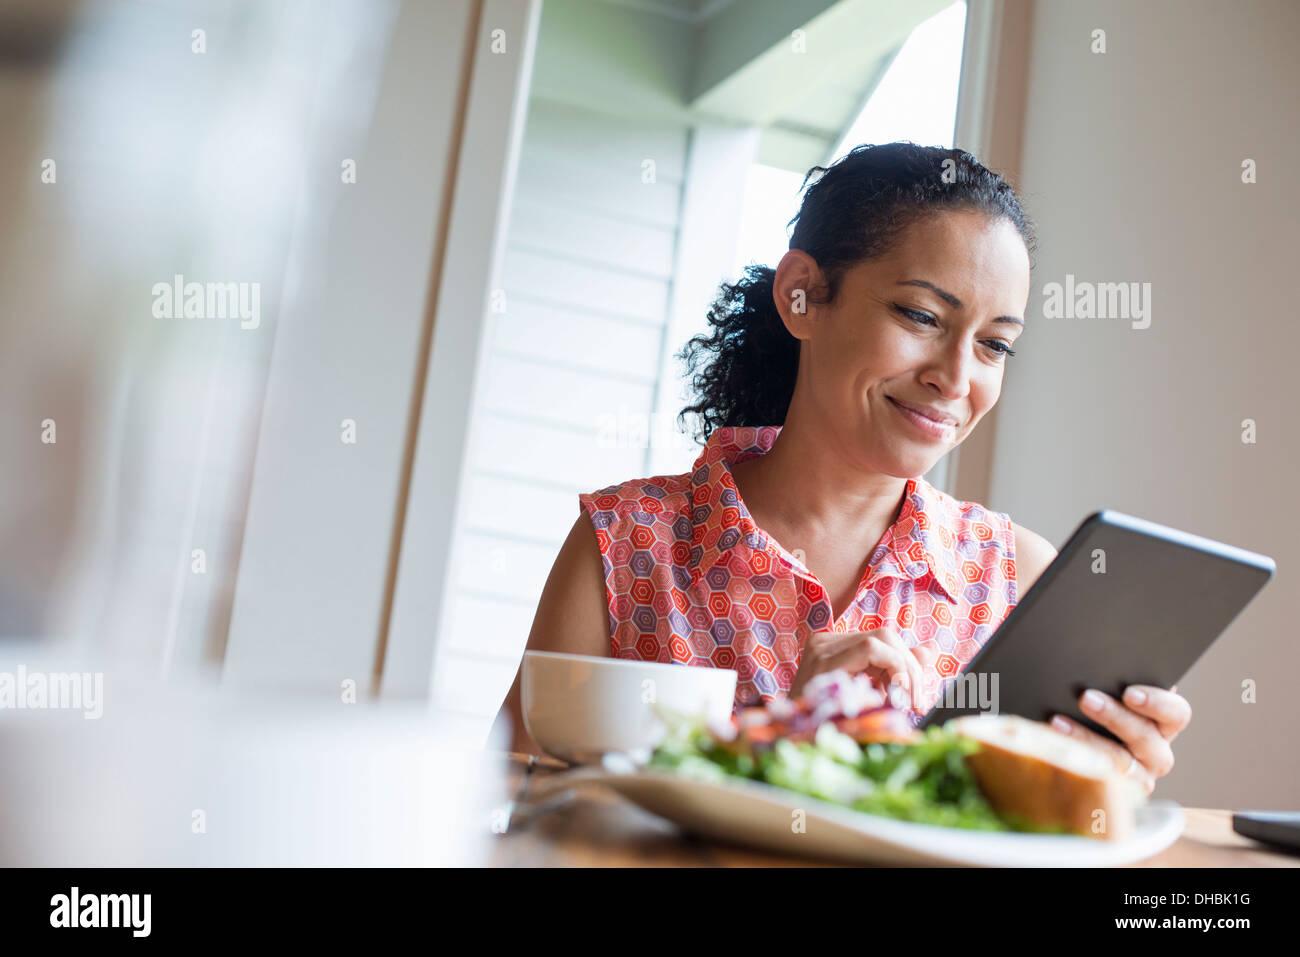 Una giovane donna di lettura da schermo di una tavoletta digitale, seduti ad un tavolo. Caffè e un panino. Immagini Stock